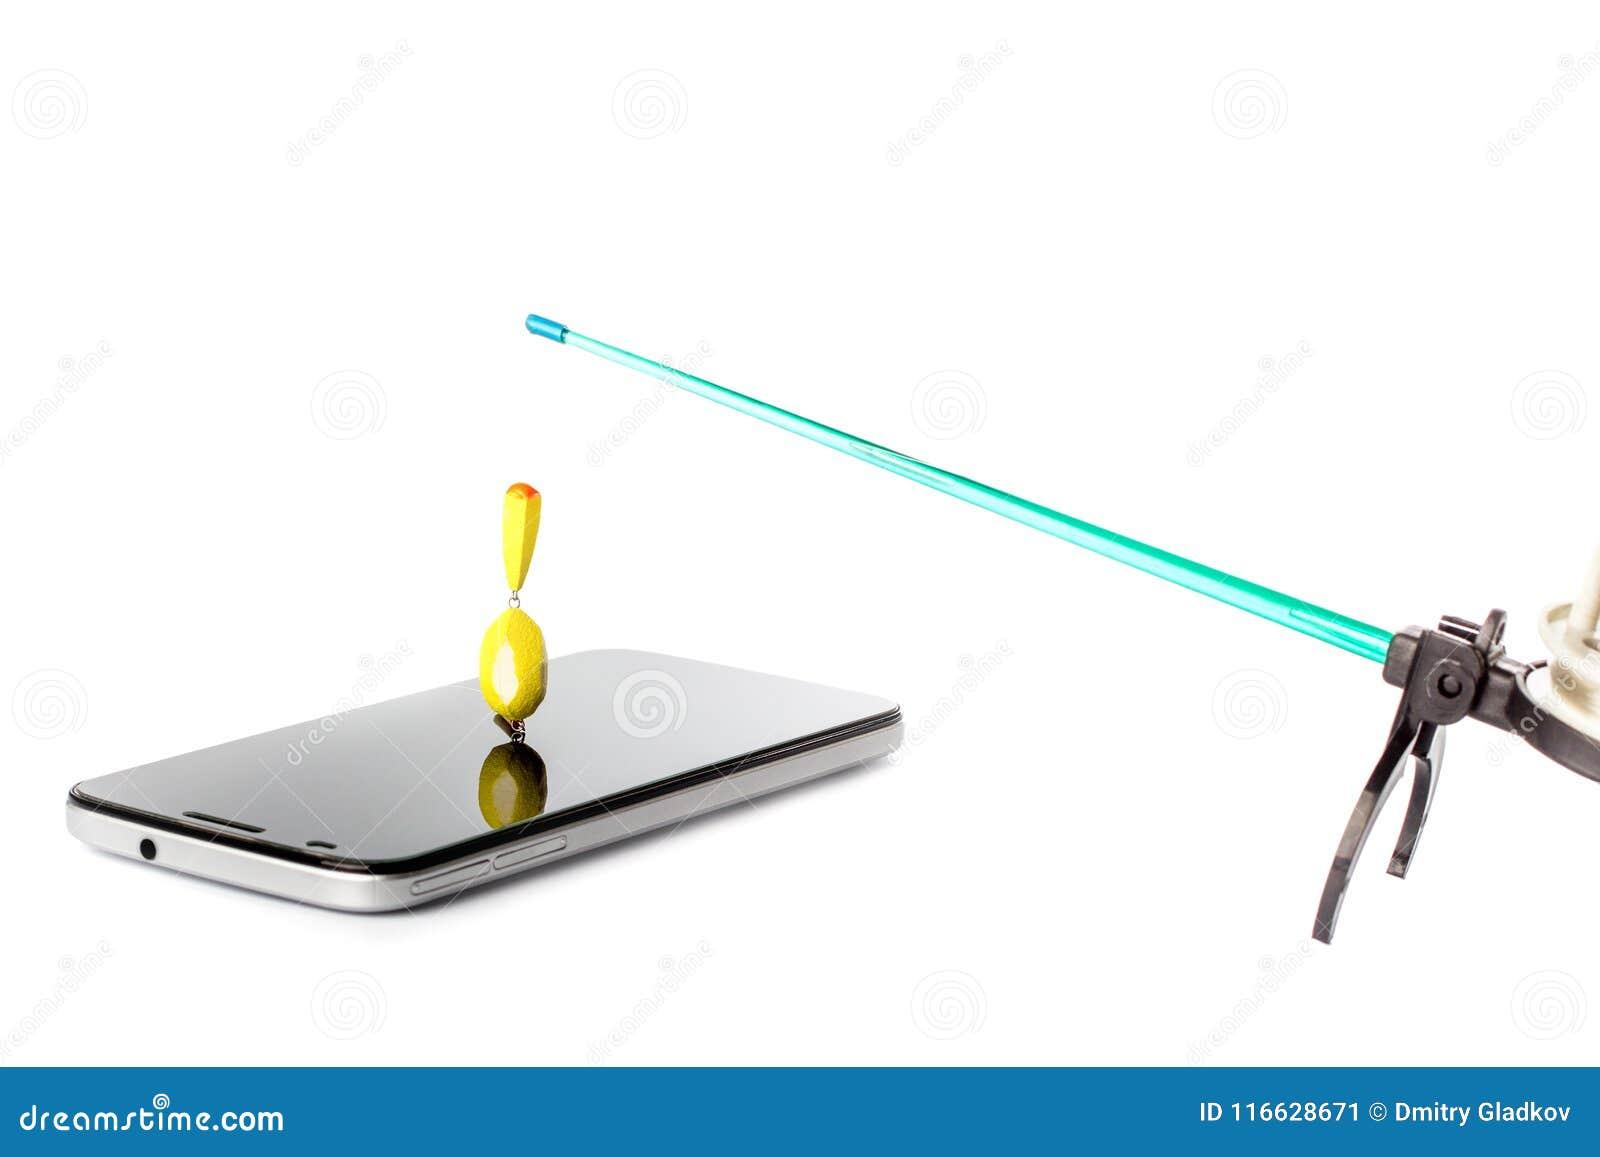 De winterhengel met vlotter in het smartphonescherm